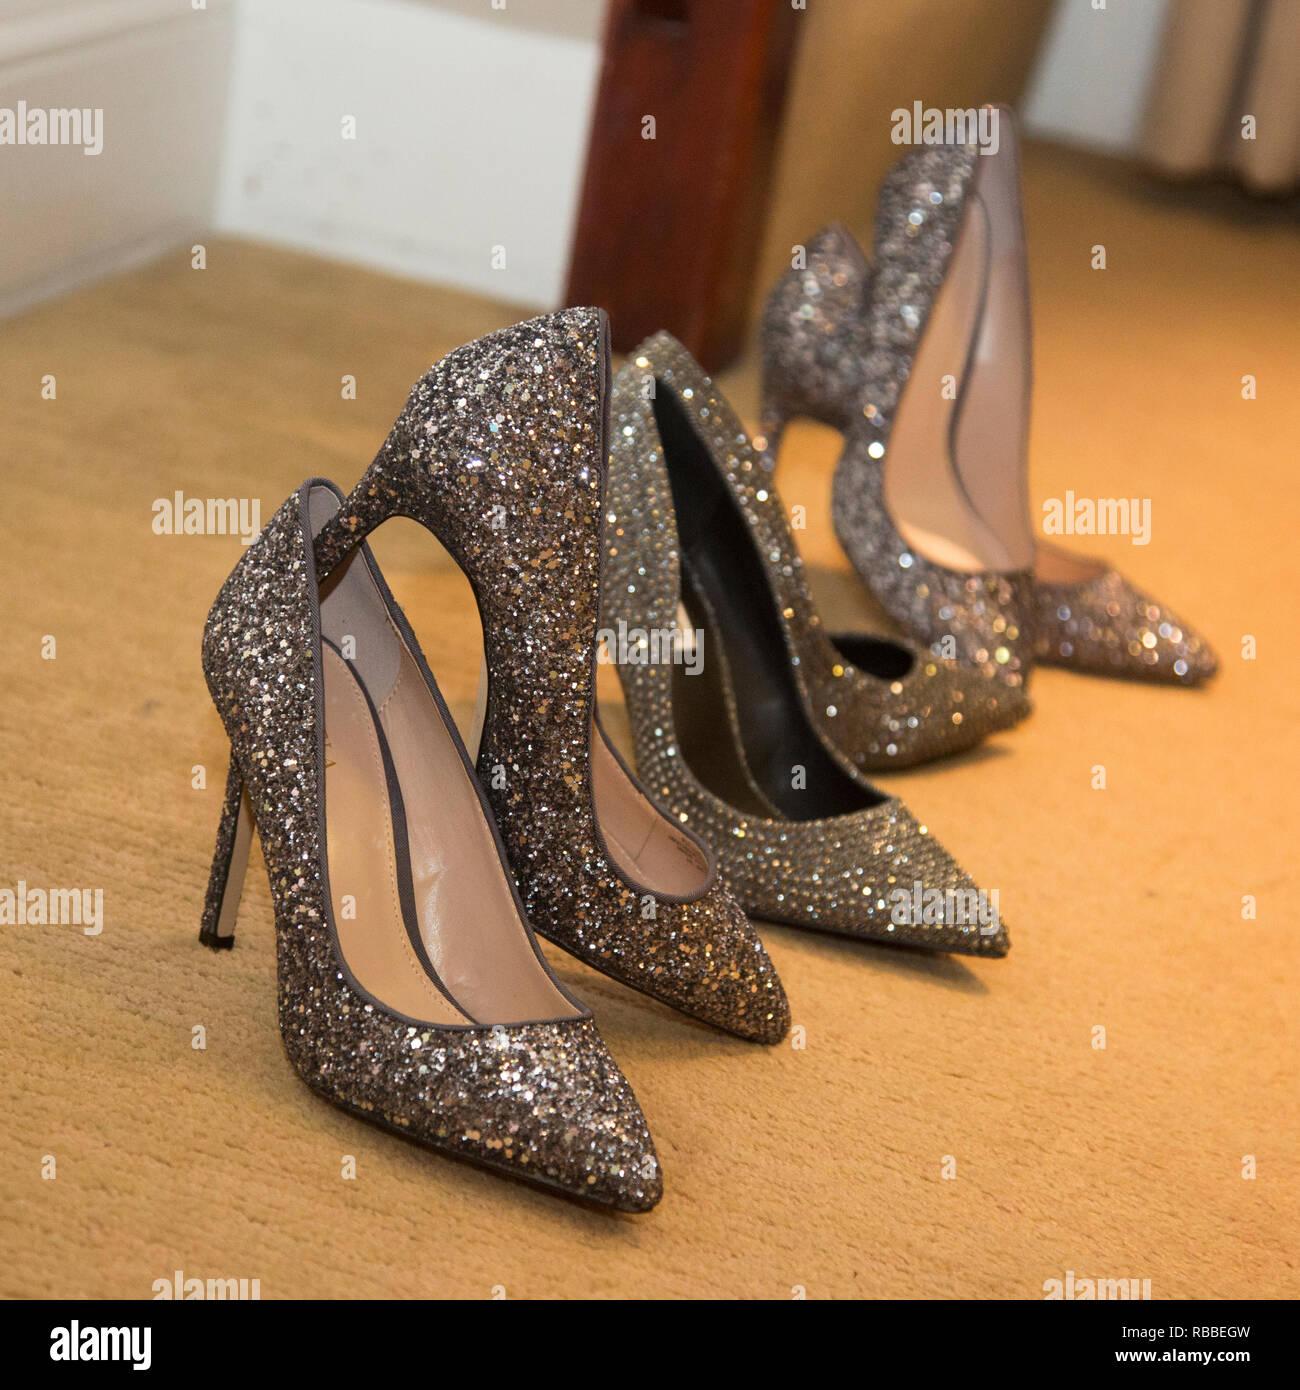 a83cd5fc0678 Bräute Schuhe mit brautjungfern Schuhe aufgereiht und wartet auf eine  Hochzeit getragen zu werden, Schwarz